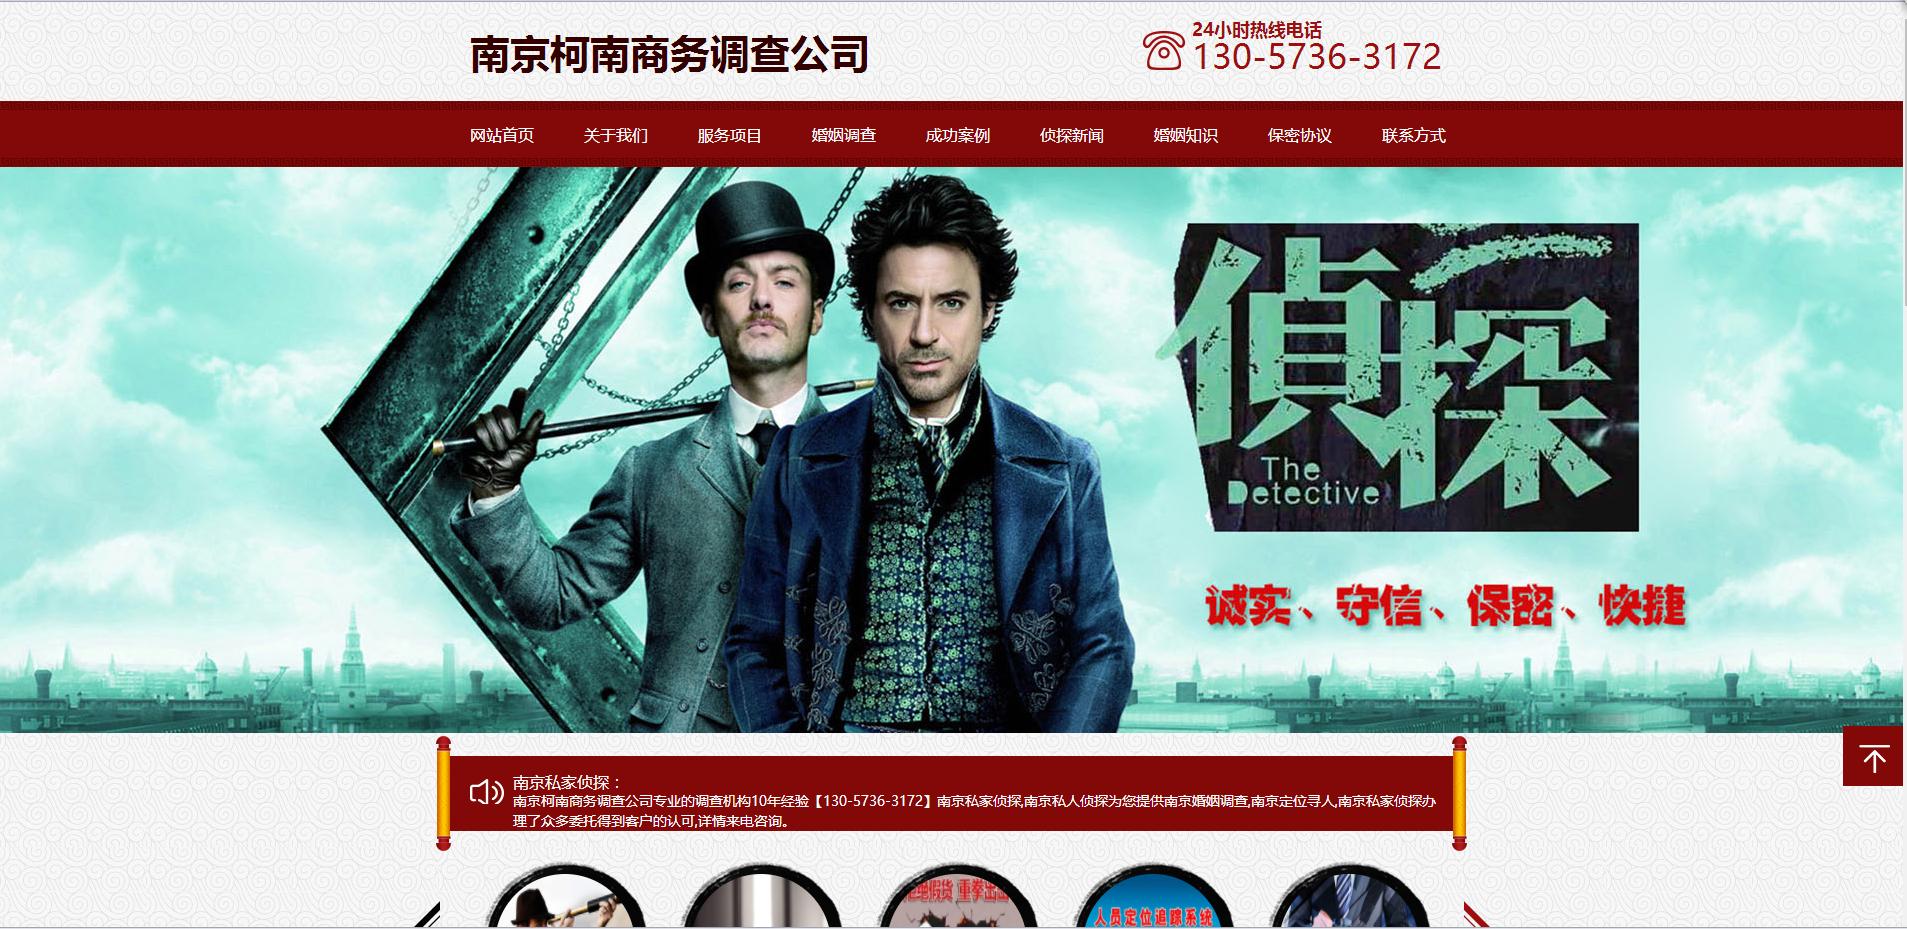 南京柯南商务调查公司网站建设成功案例